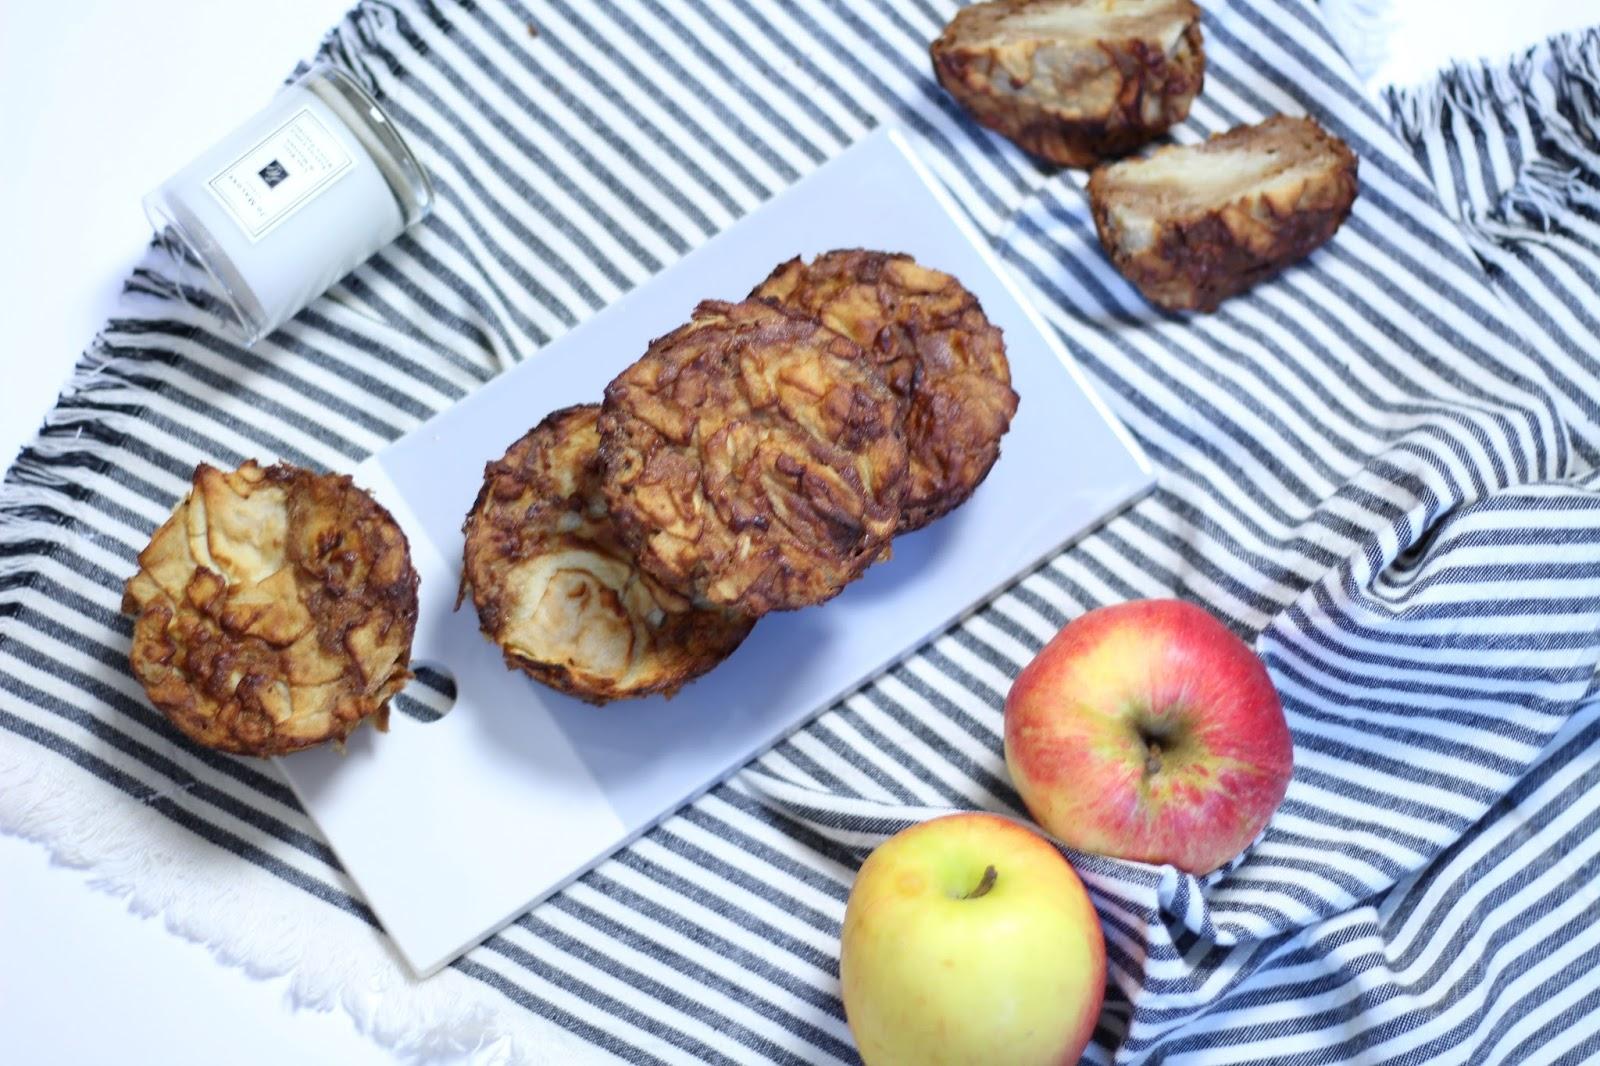 Invisible aux pommes sans gluten sans lactose